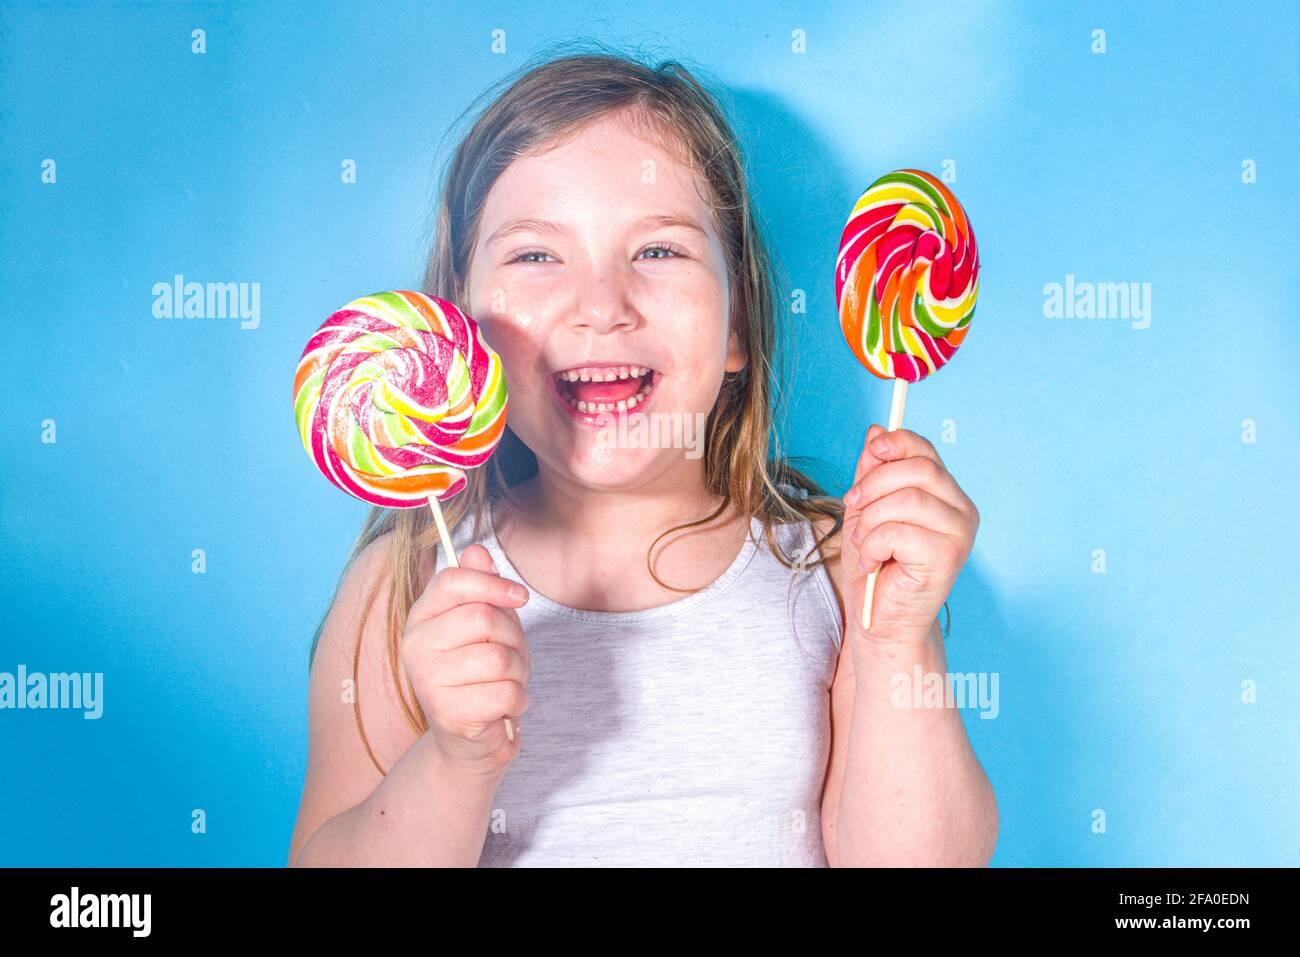 Piccola ragazza divertente felice con grandi lollypops colorati, Vacanza, felicità, concetto di vacanza estiva, Foto Stock